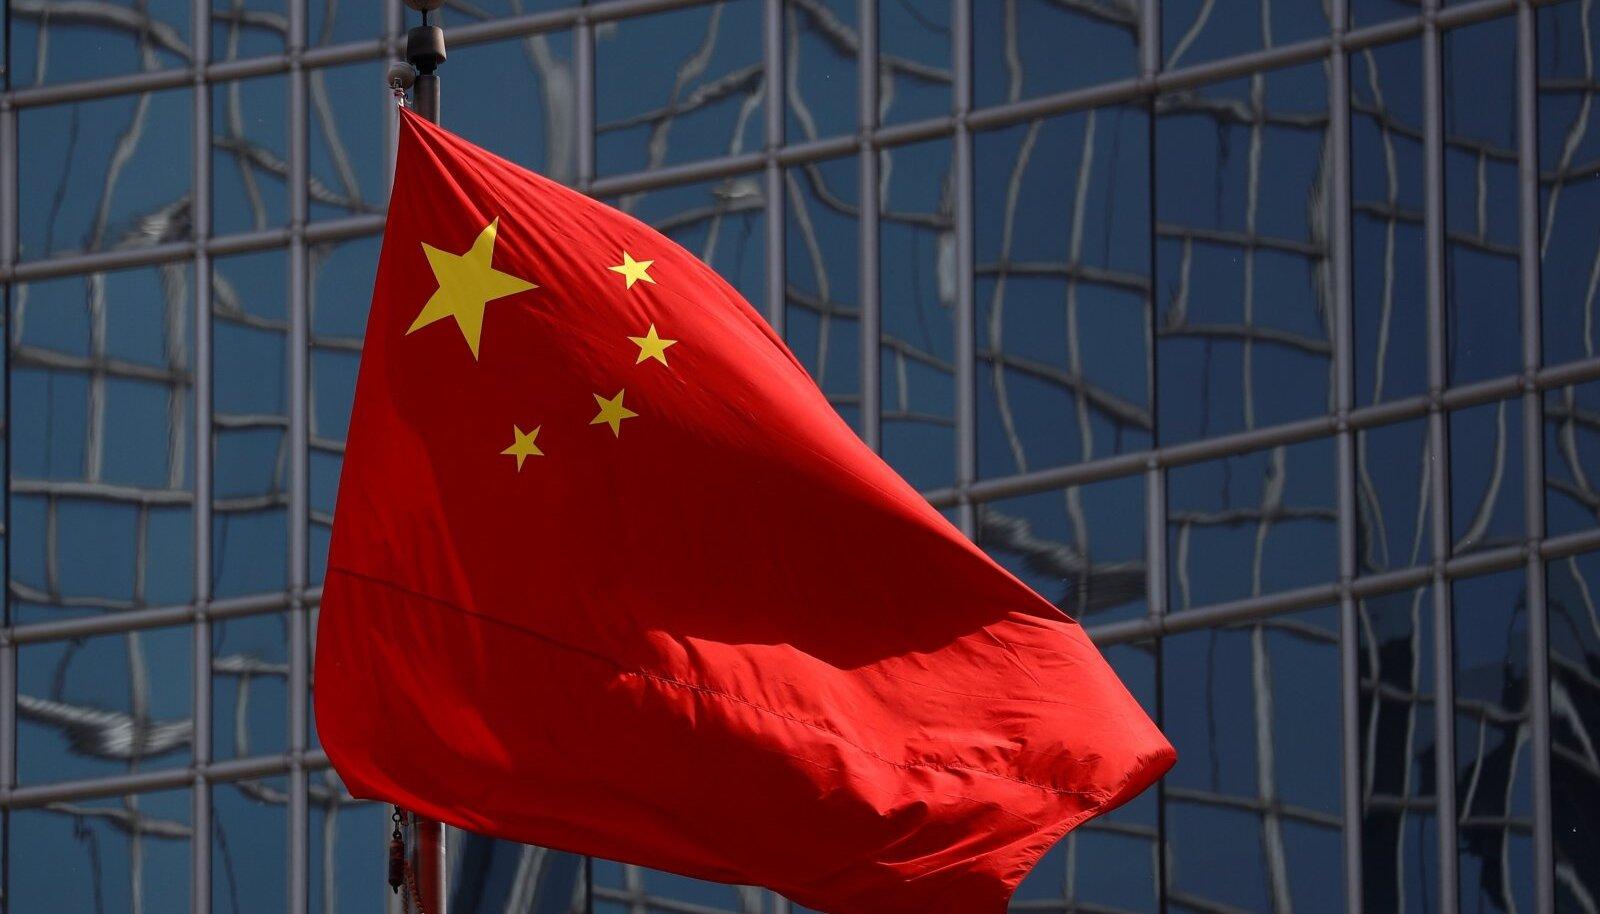 Hiina hakkas luurehuvi Eesti vastu tundma pärast Euroopa Liidu ja NATOga liitumist. Huvi on kestnud tänaseni ning Hiina luuretegevus on intensiivistunud.